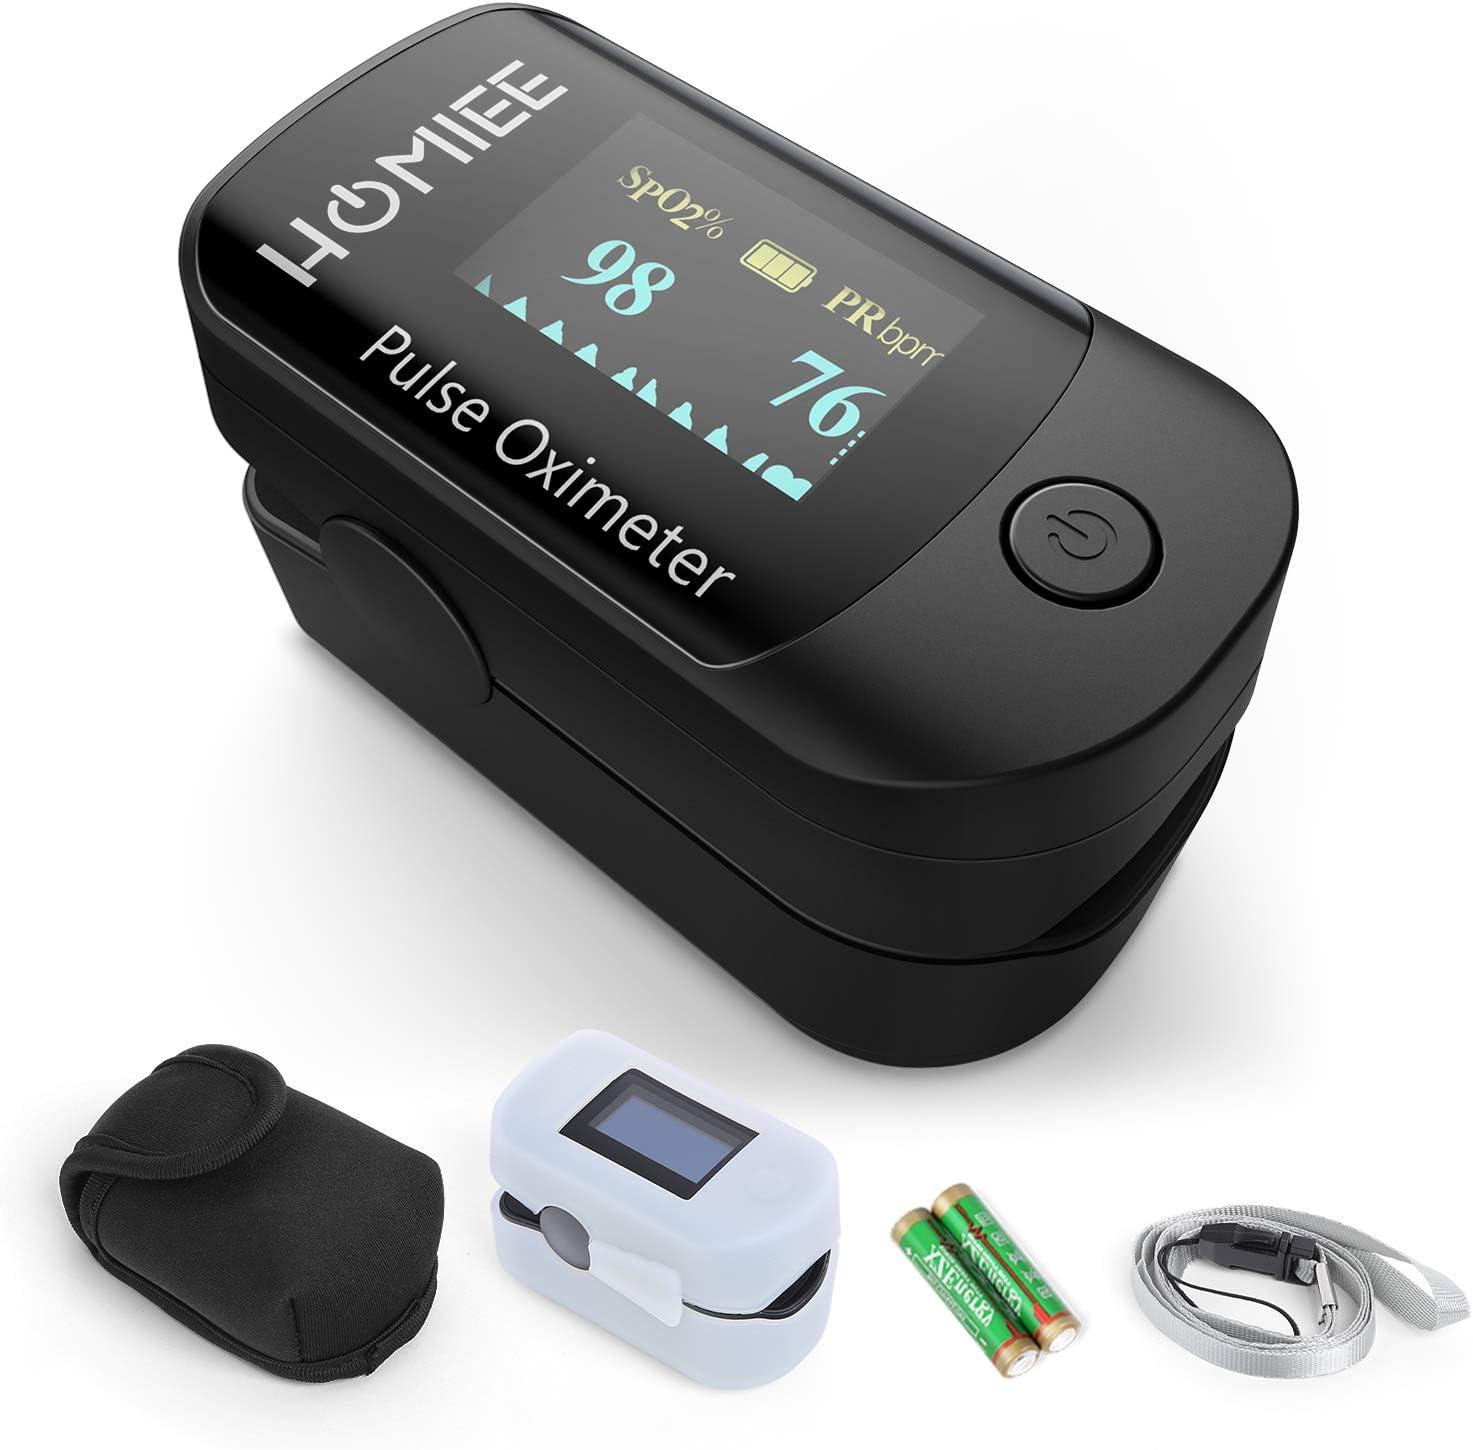 HOMIEE Oxímetro de Pulso, Pulsioxímetro de Dedo Profesional, Medidor de Oxígeno en Sangre SpO2 y Monitor de Frecuencia Cardíaca para Uso Deportivo, Adultos y Niños (OLED Negro)